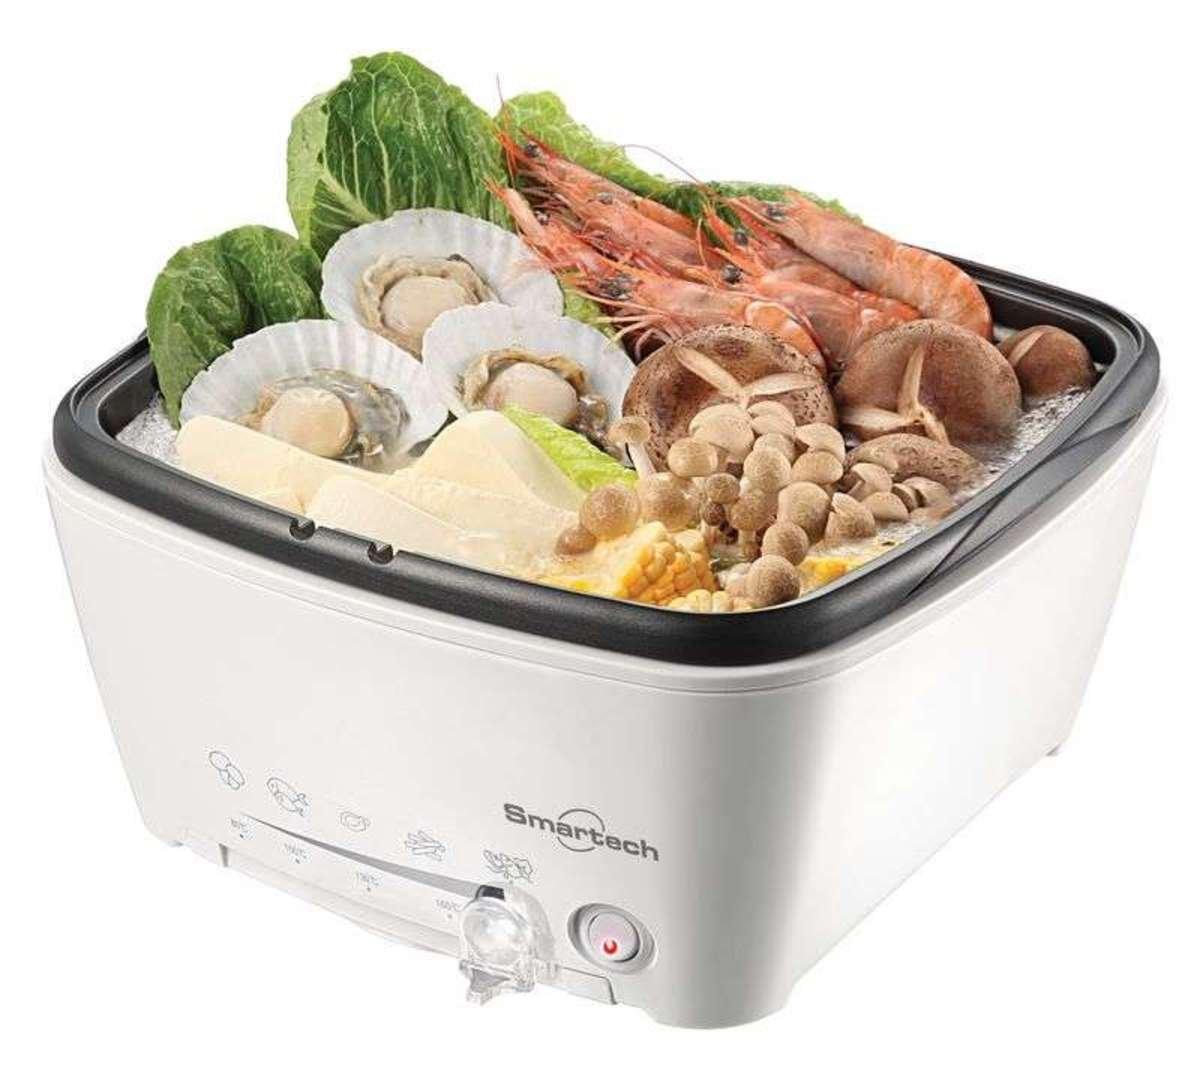 多功能萬用鍋 (1600W)